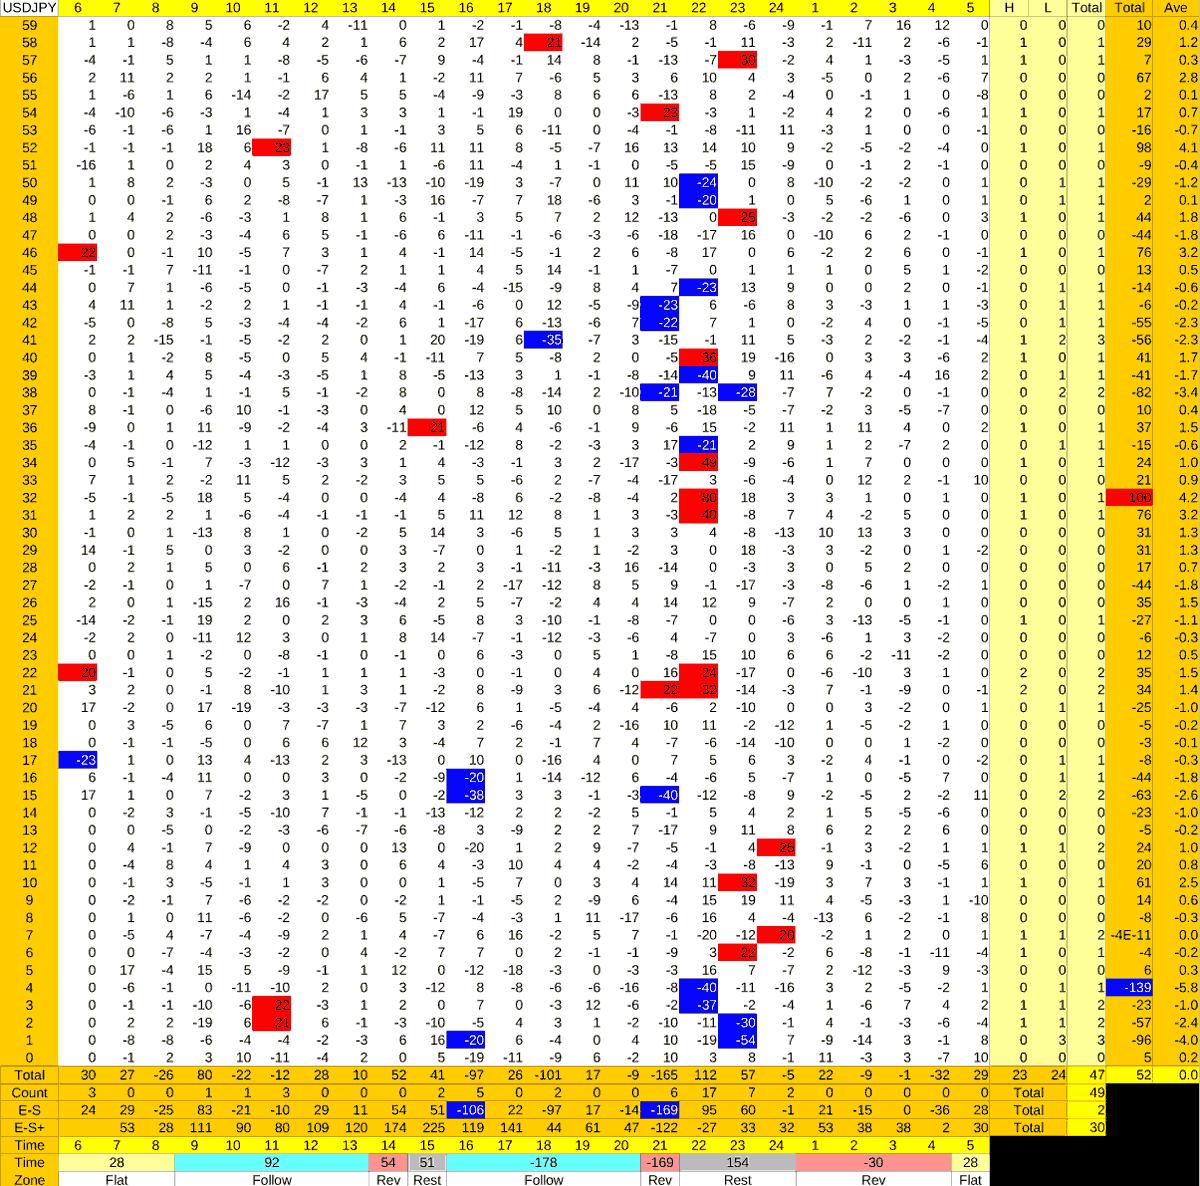 20210824_HS(1)USDJPY